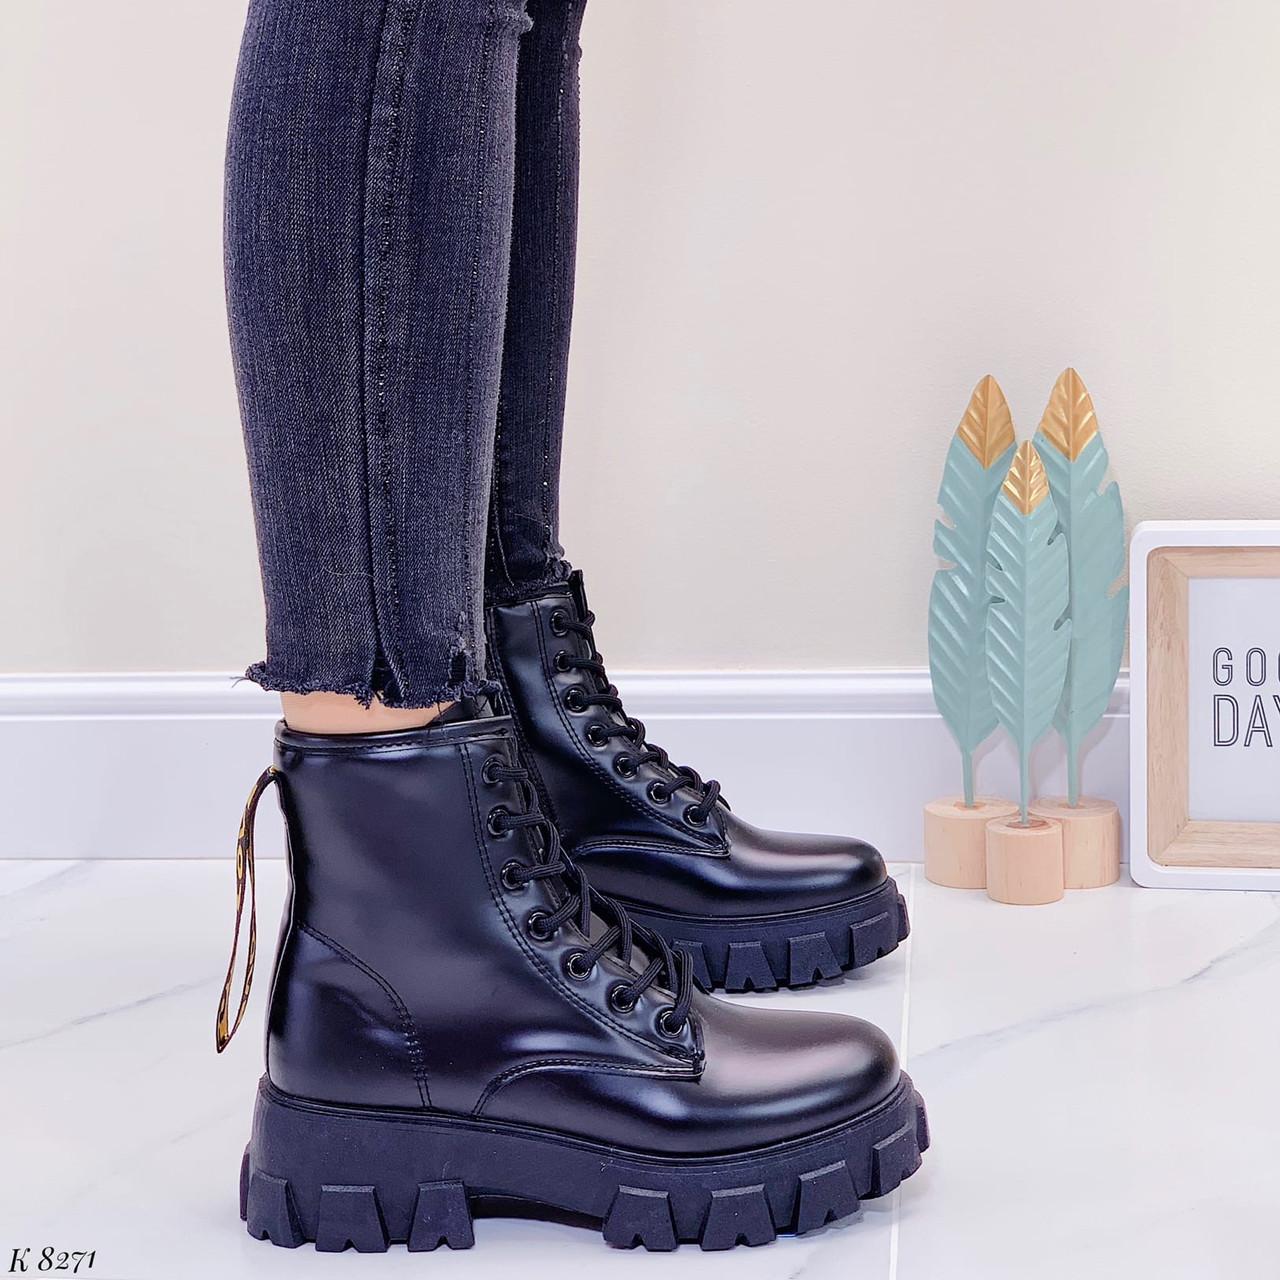 ТІЛЬКИ 36 р 23,5 см!!! Жіночі черевики ДЕМІ чорні на шнурівці еко шкіра весна осінь